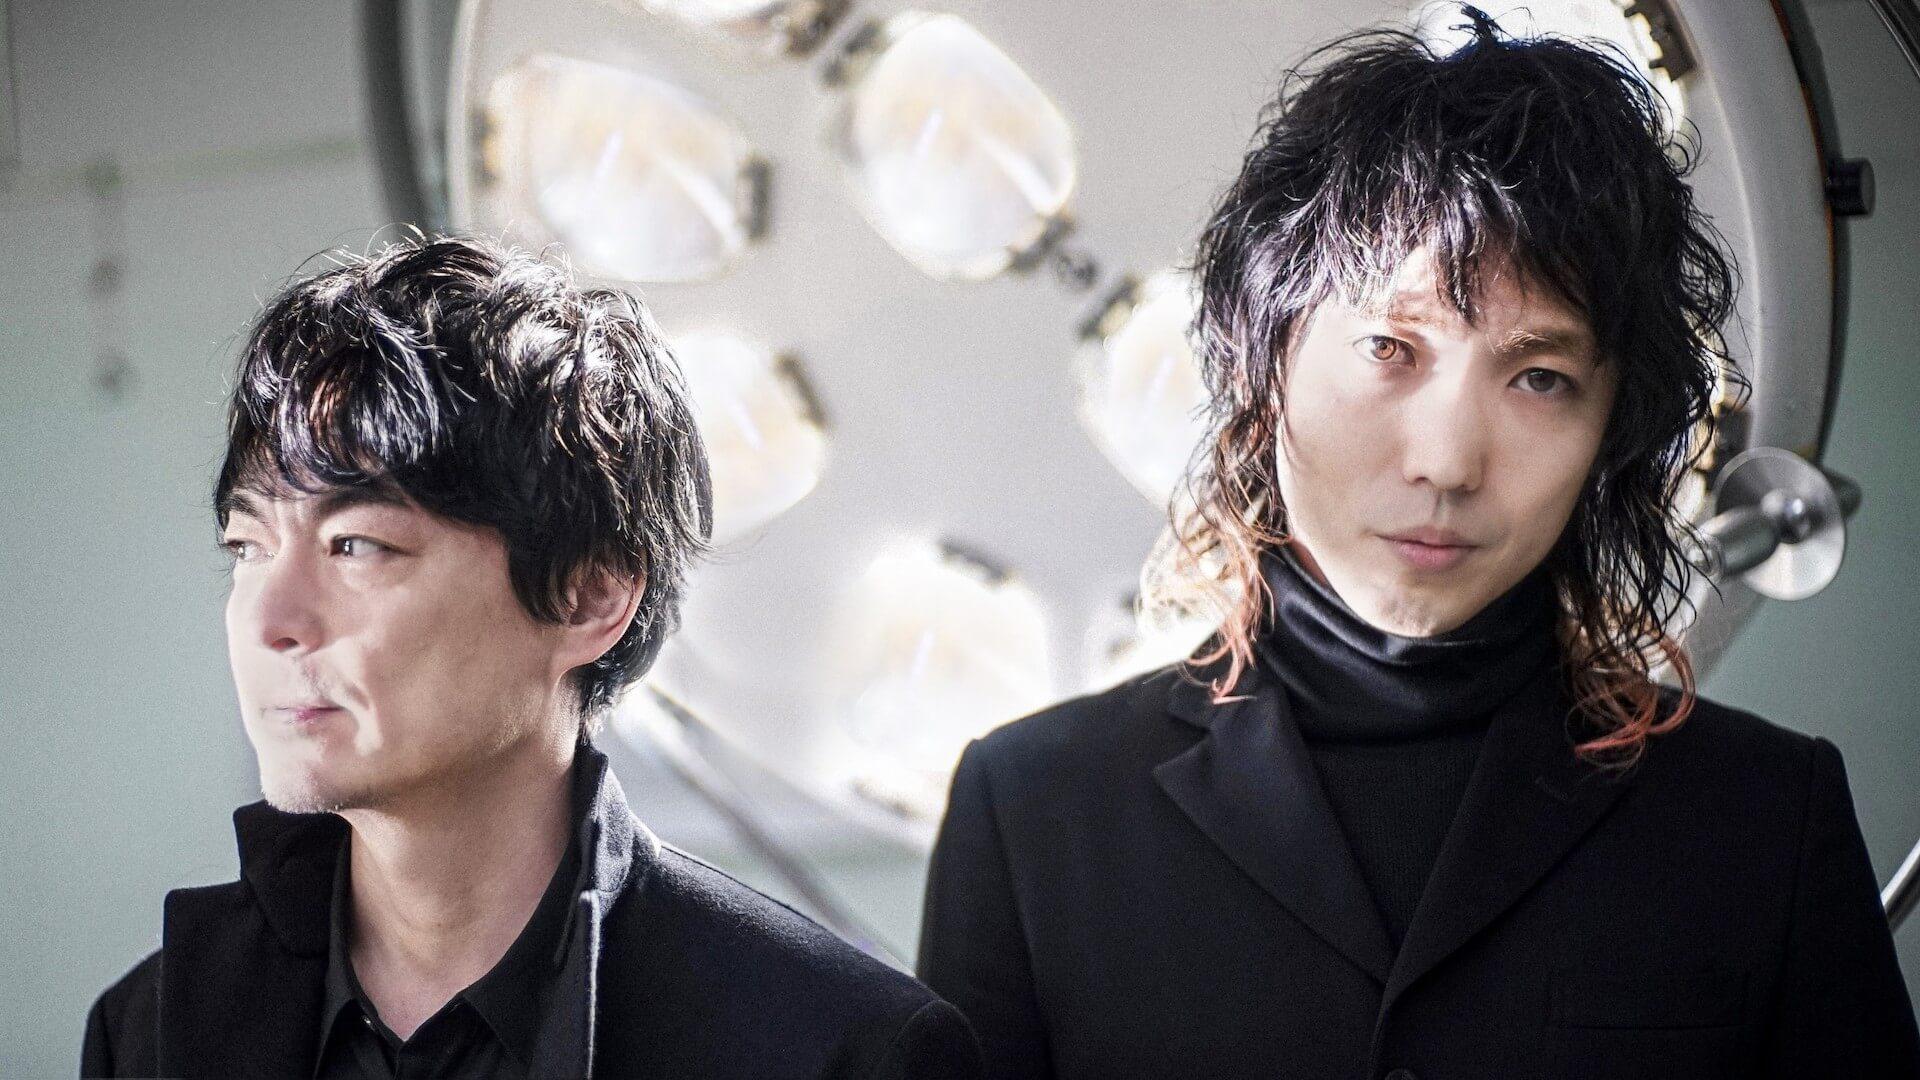 ライター・黒田隆憲が<フジロック '21>初登場組の注目10アーティストを紹介! column210802_fujirock-debut-08